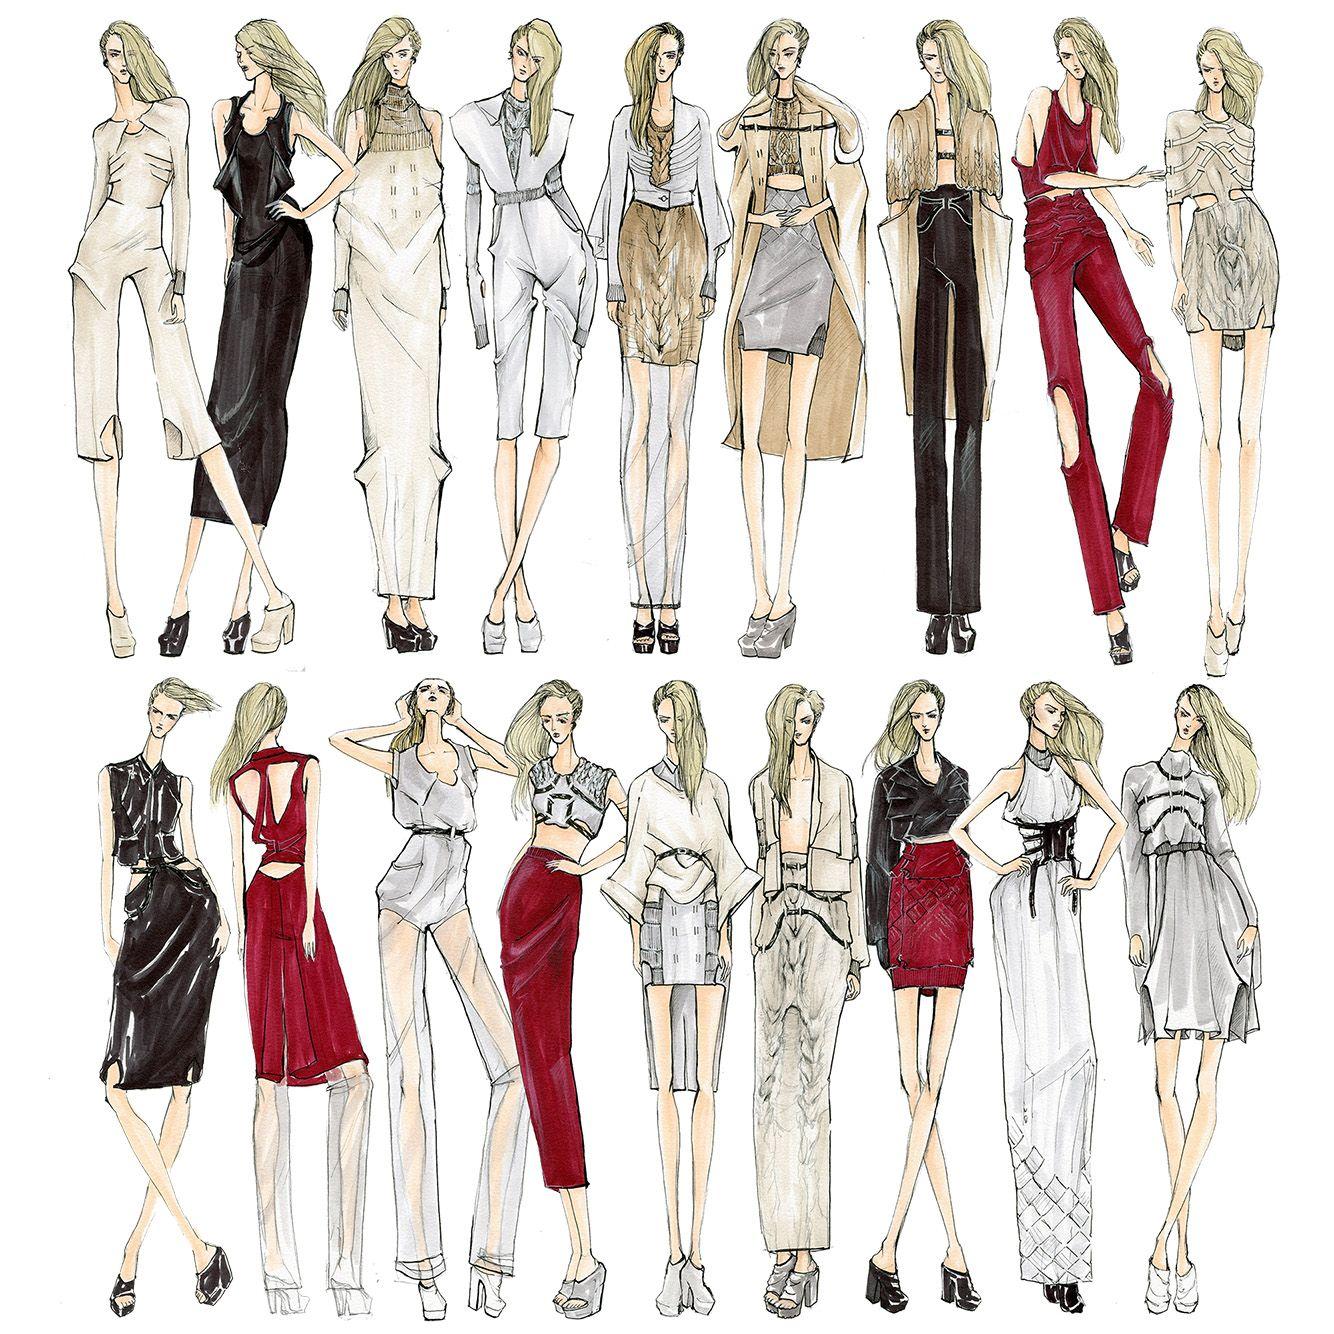 Pin oleh Dunaseneviratne di fashion | Ilustrasi model